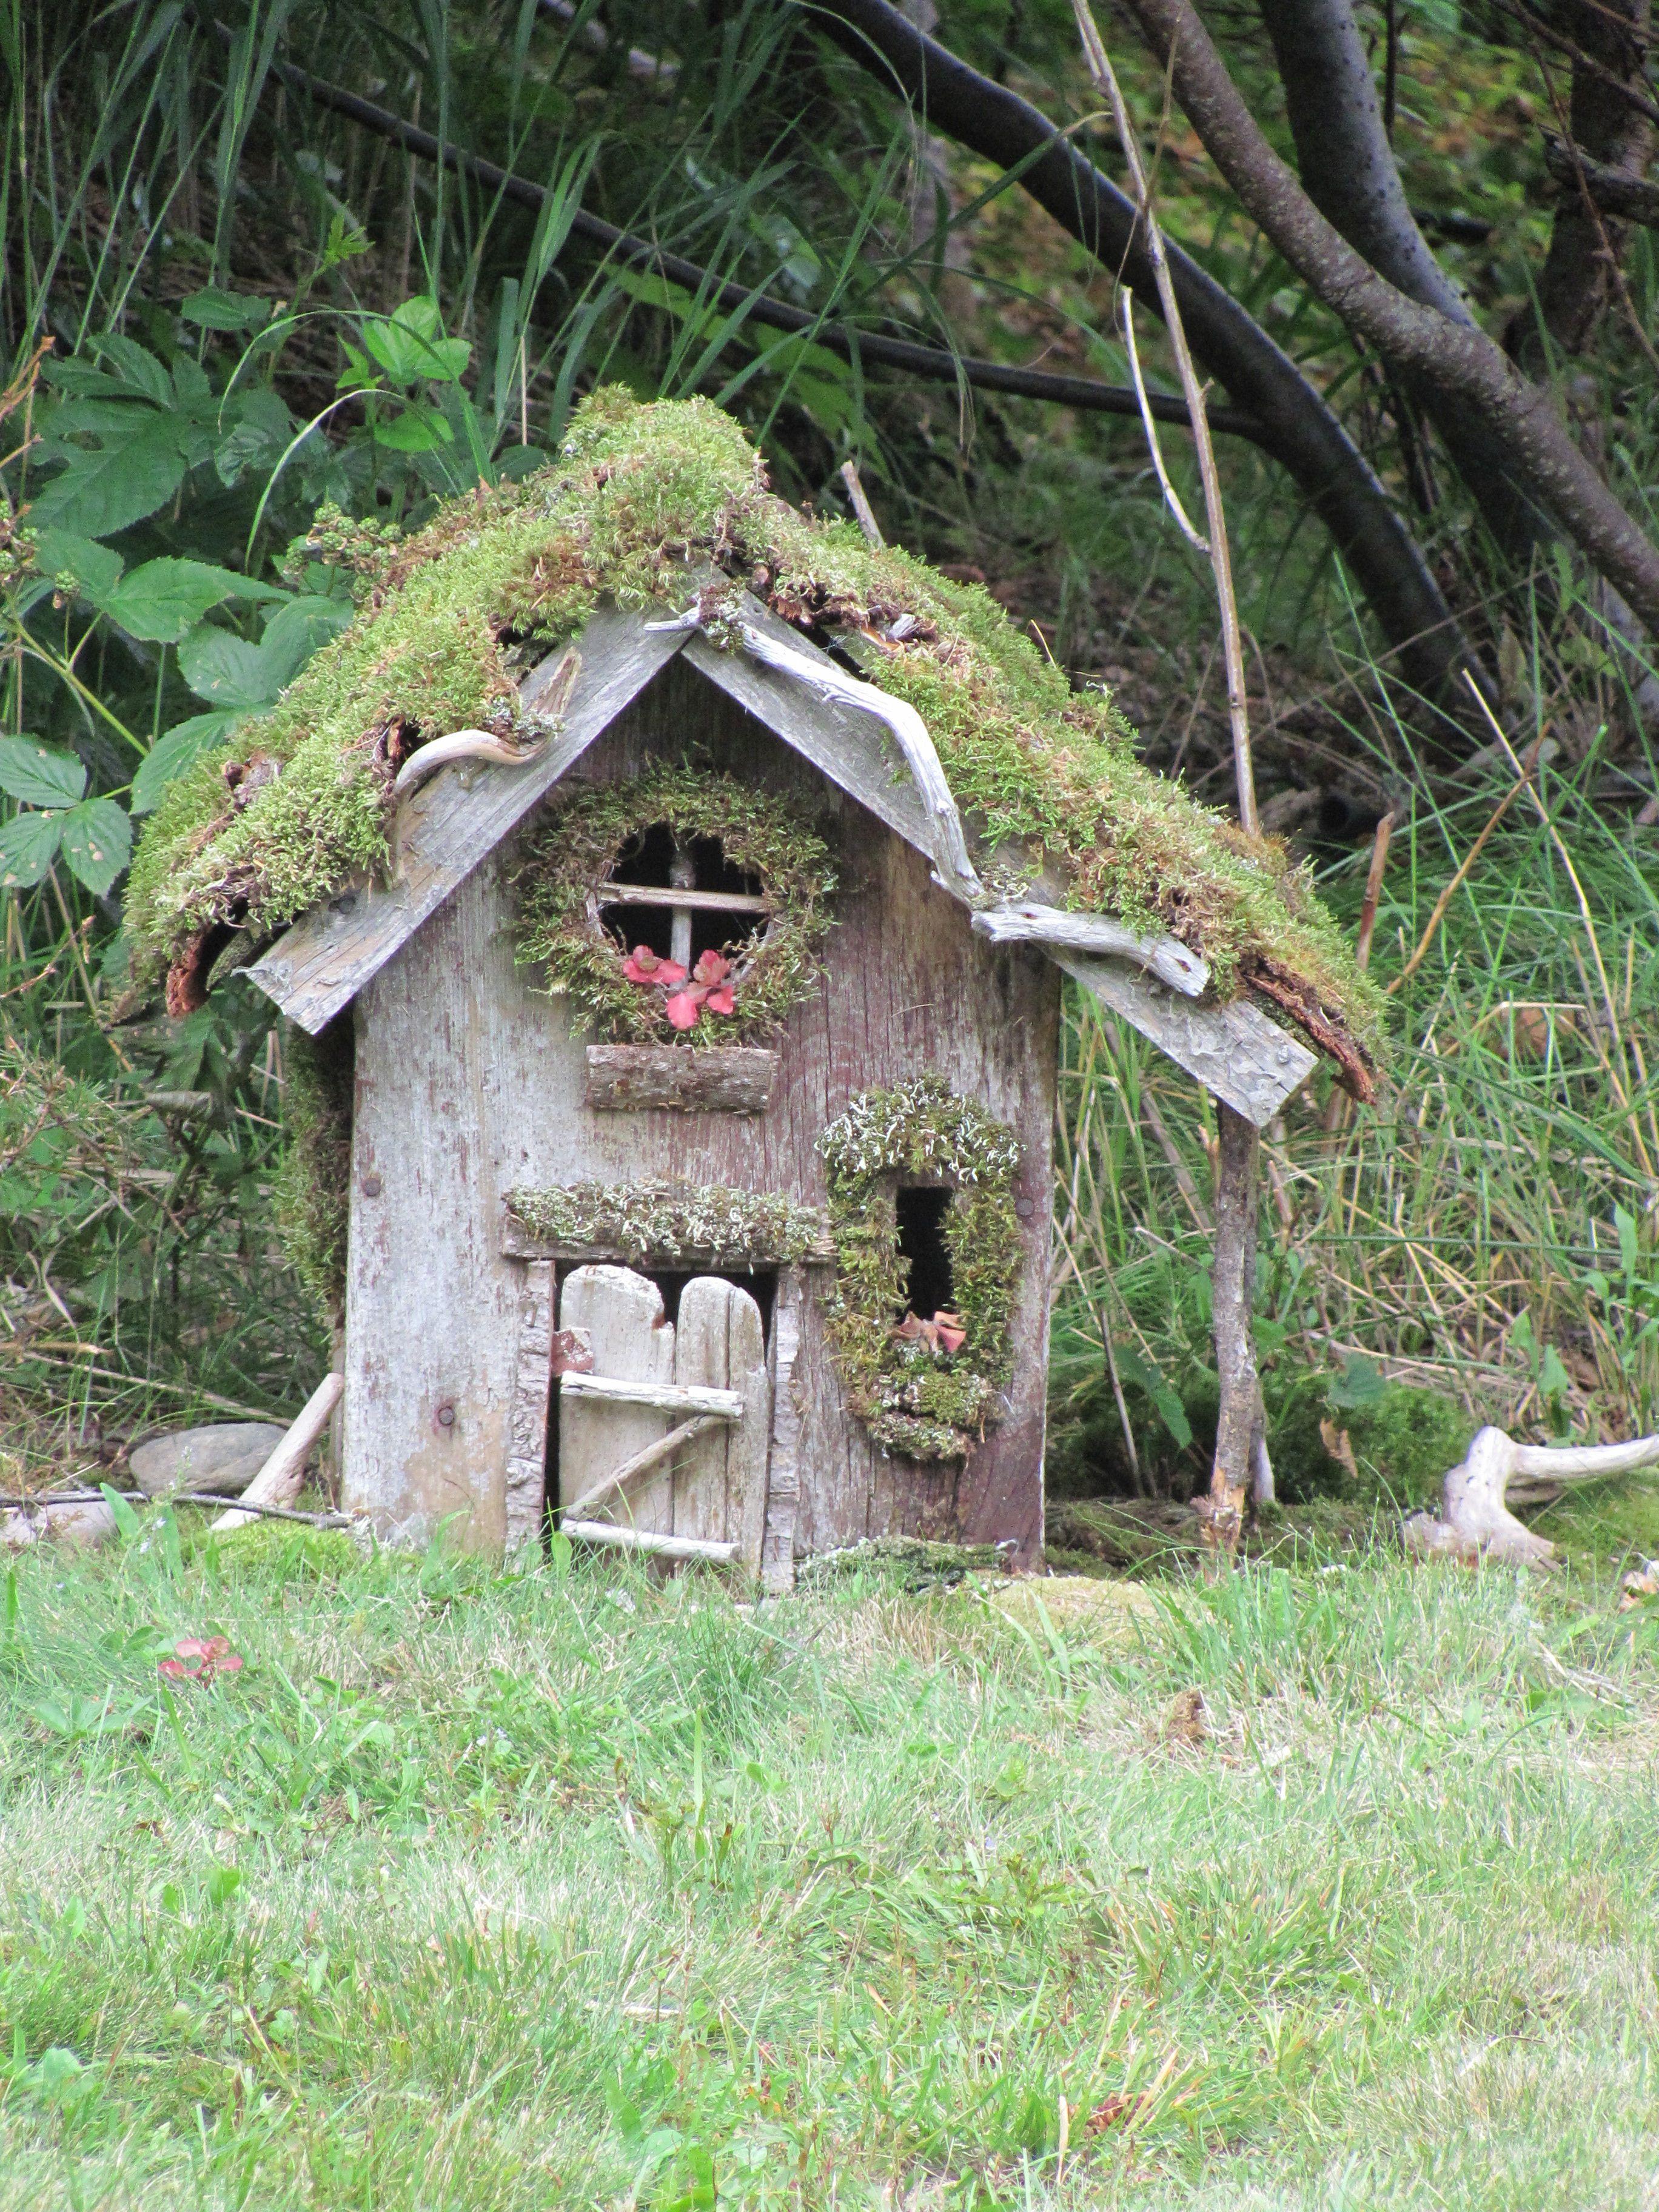 Lorax casa rustica jardin colgantes y macetas for Casa jardin 8 de octubre